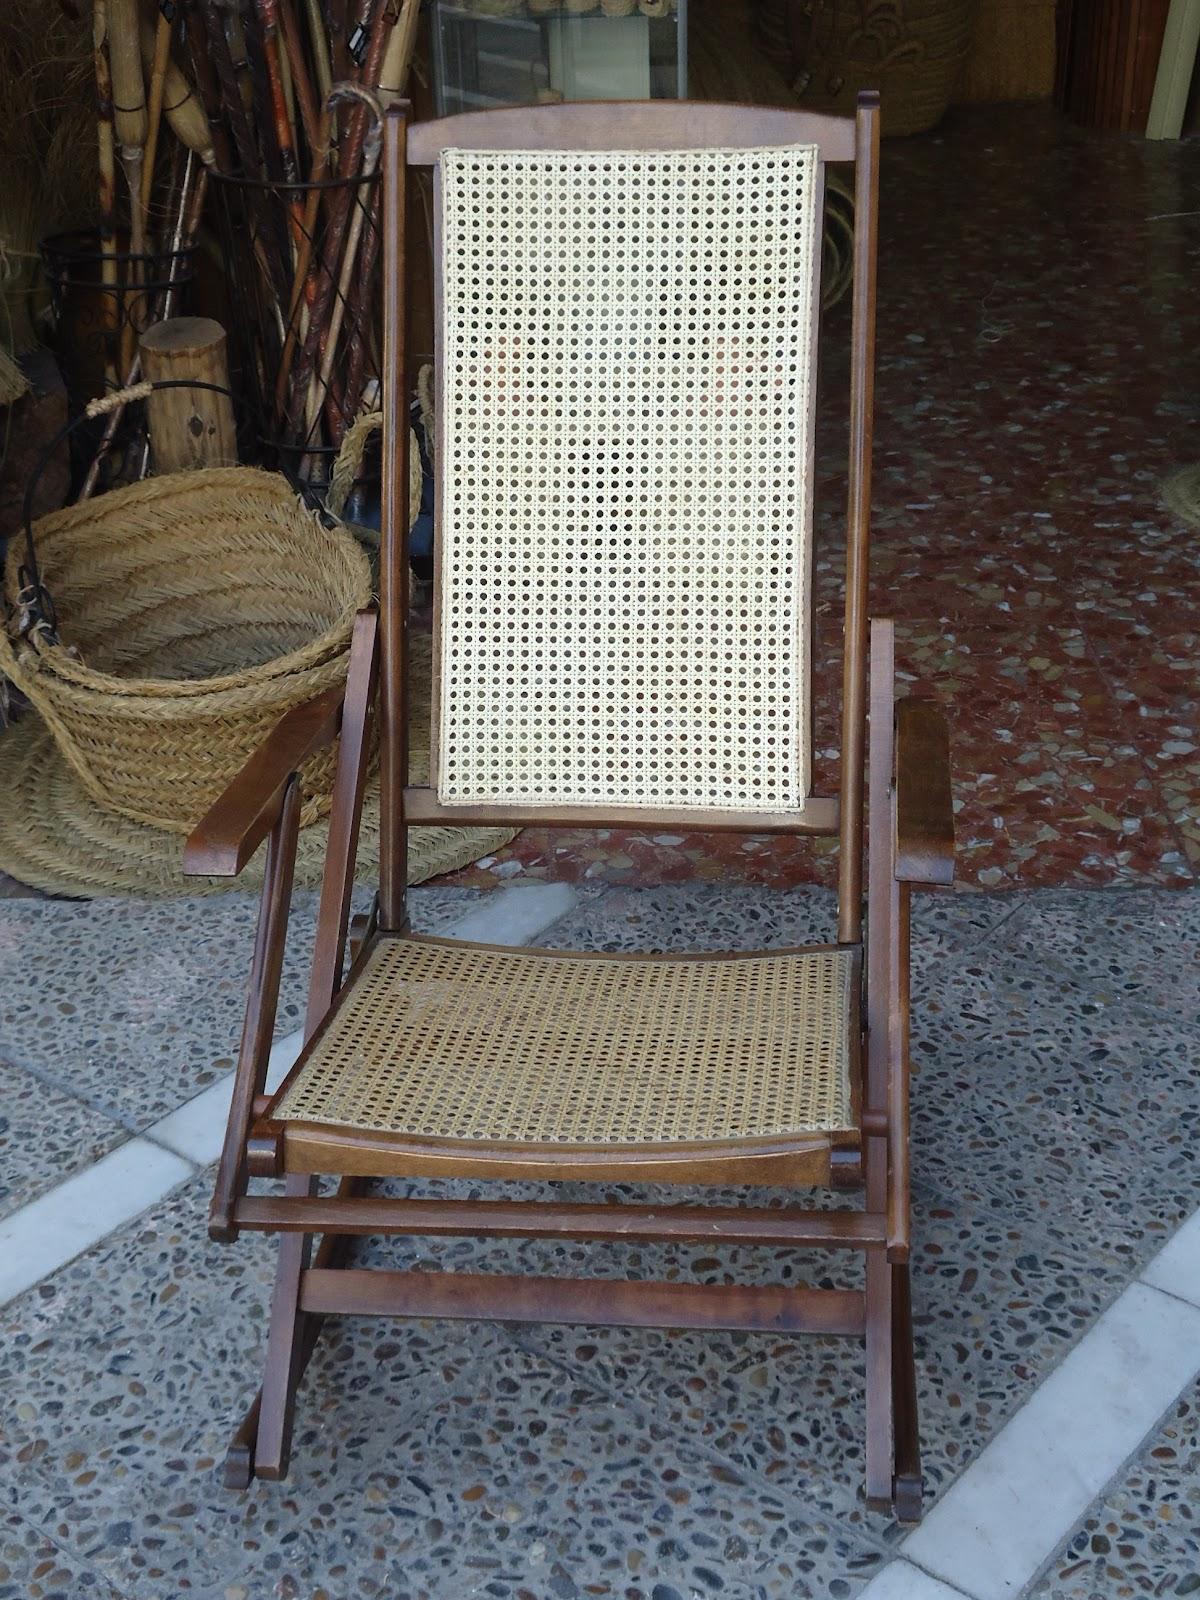 Esparter a y persianas becerra reparaci n de mecedoras - Reparacion de sillas de rejilla ...